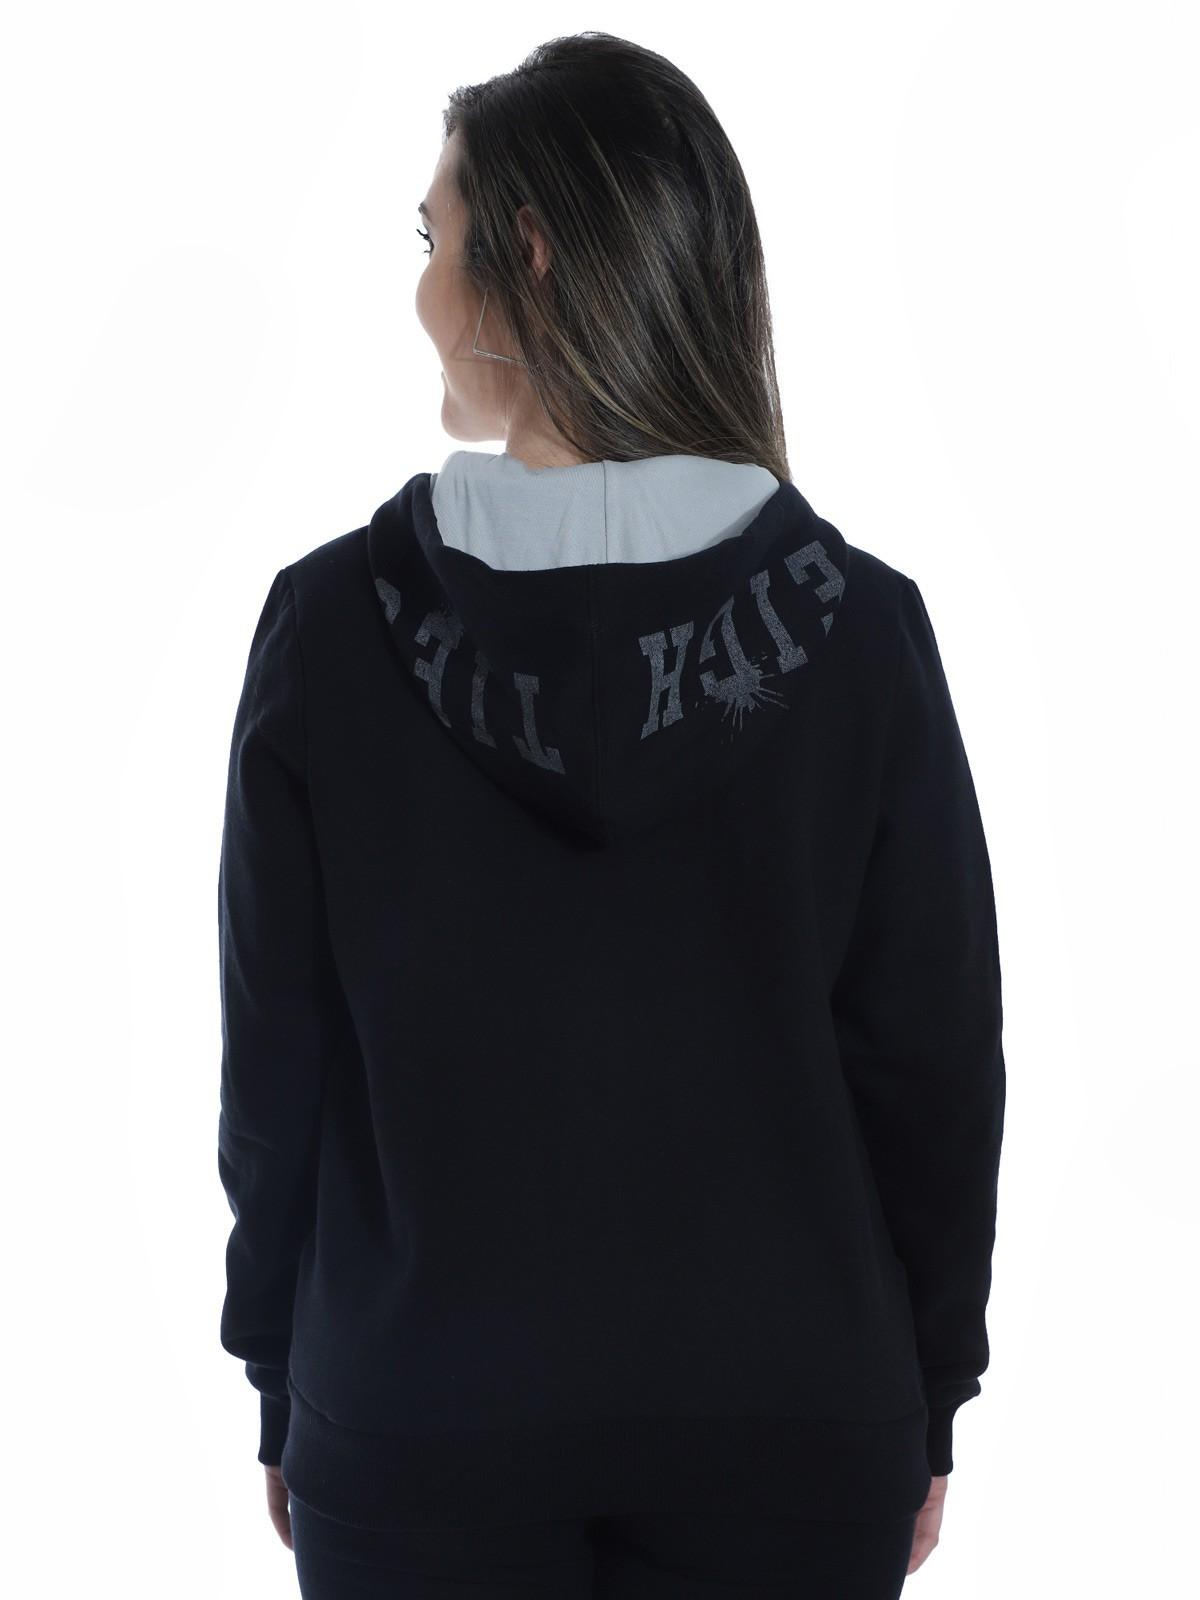 Blusa Moletom Feminino Estampa Com Touca Confortável Preta